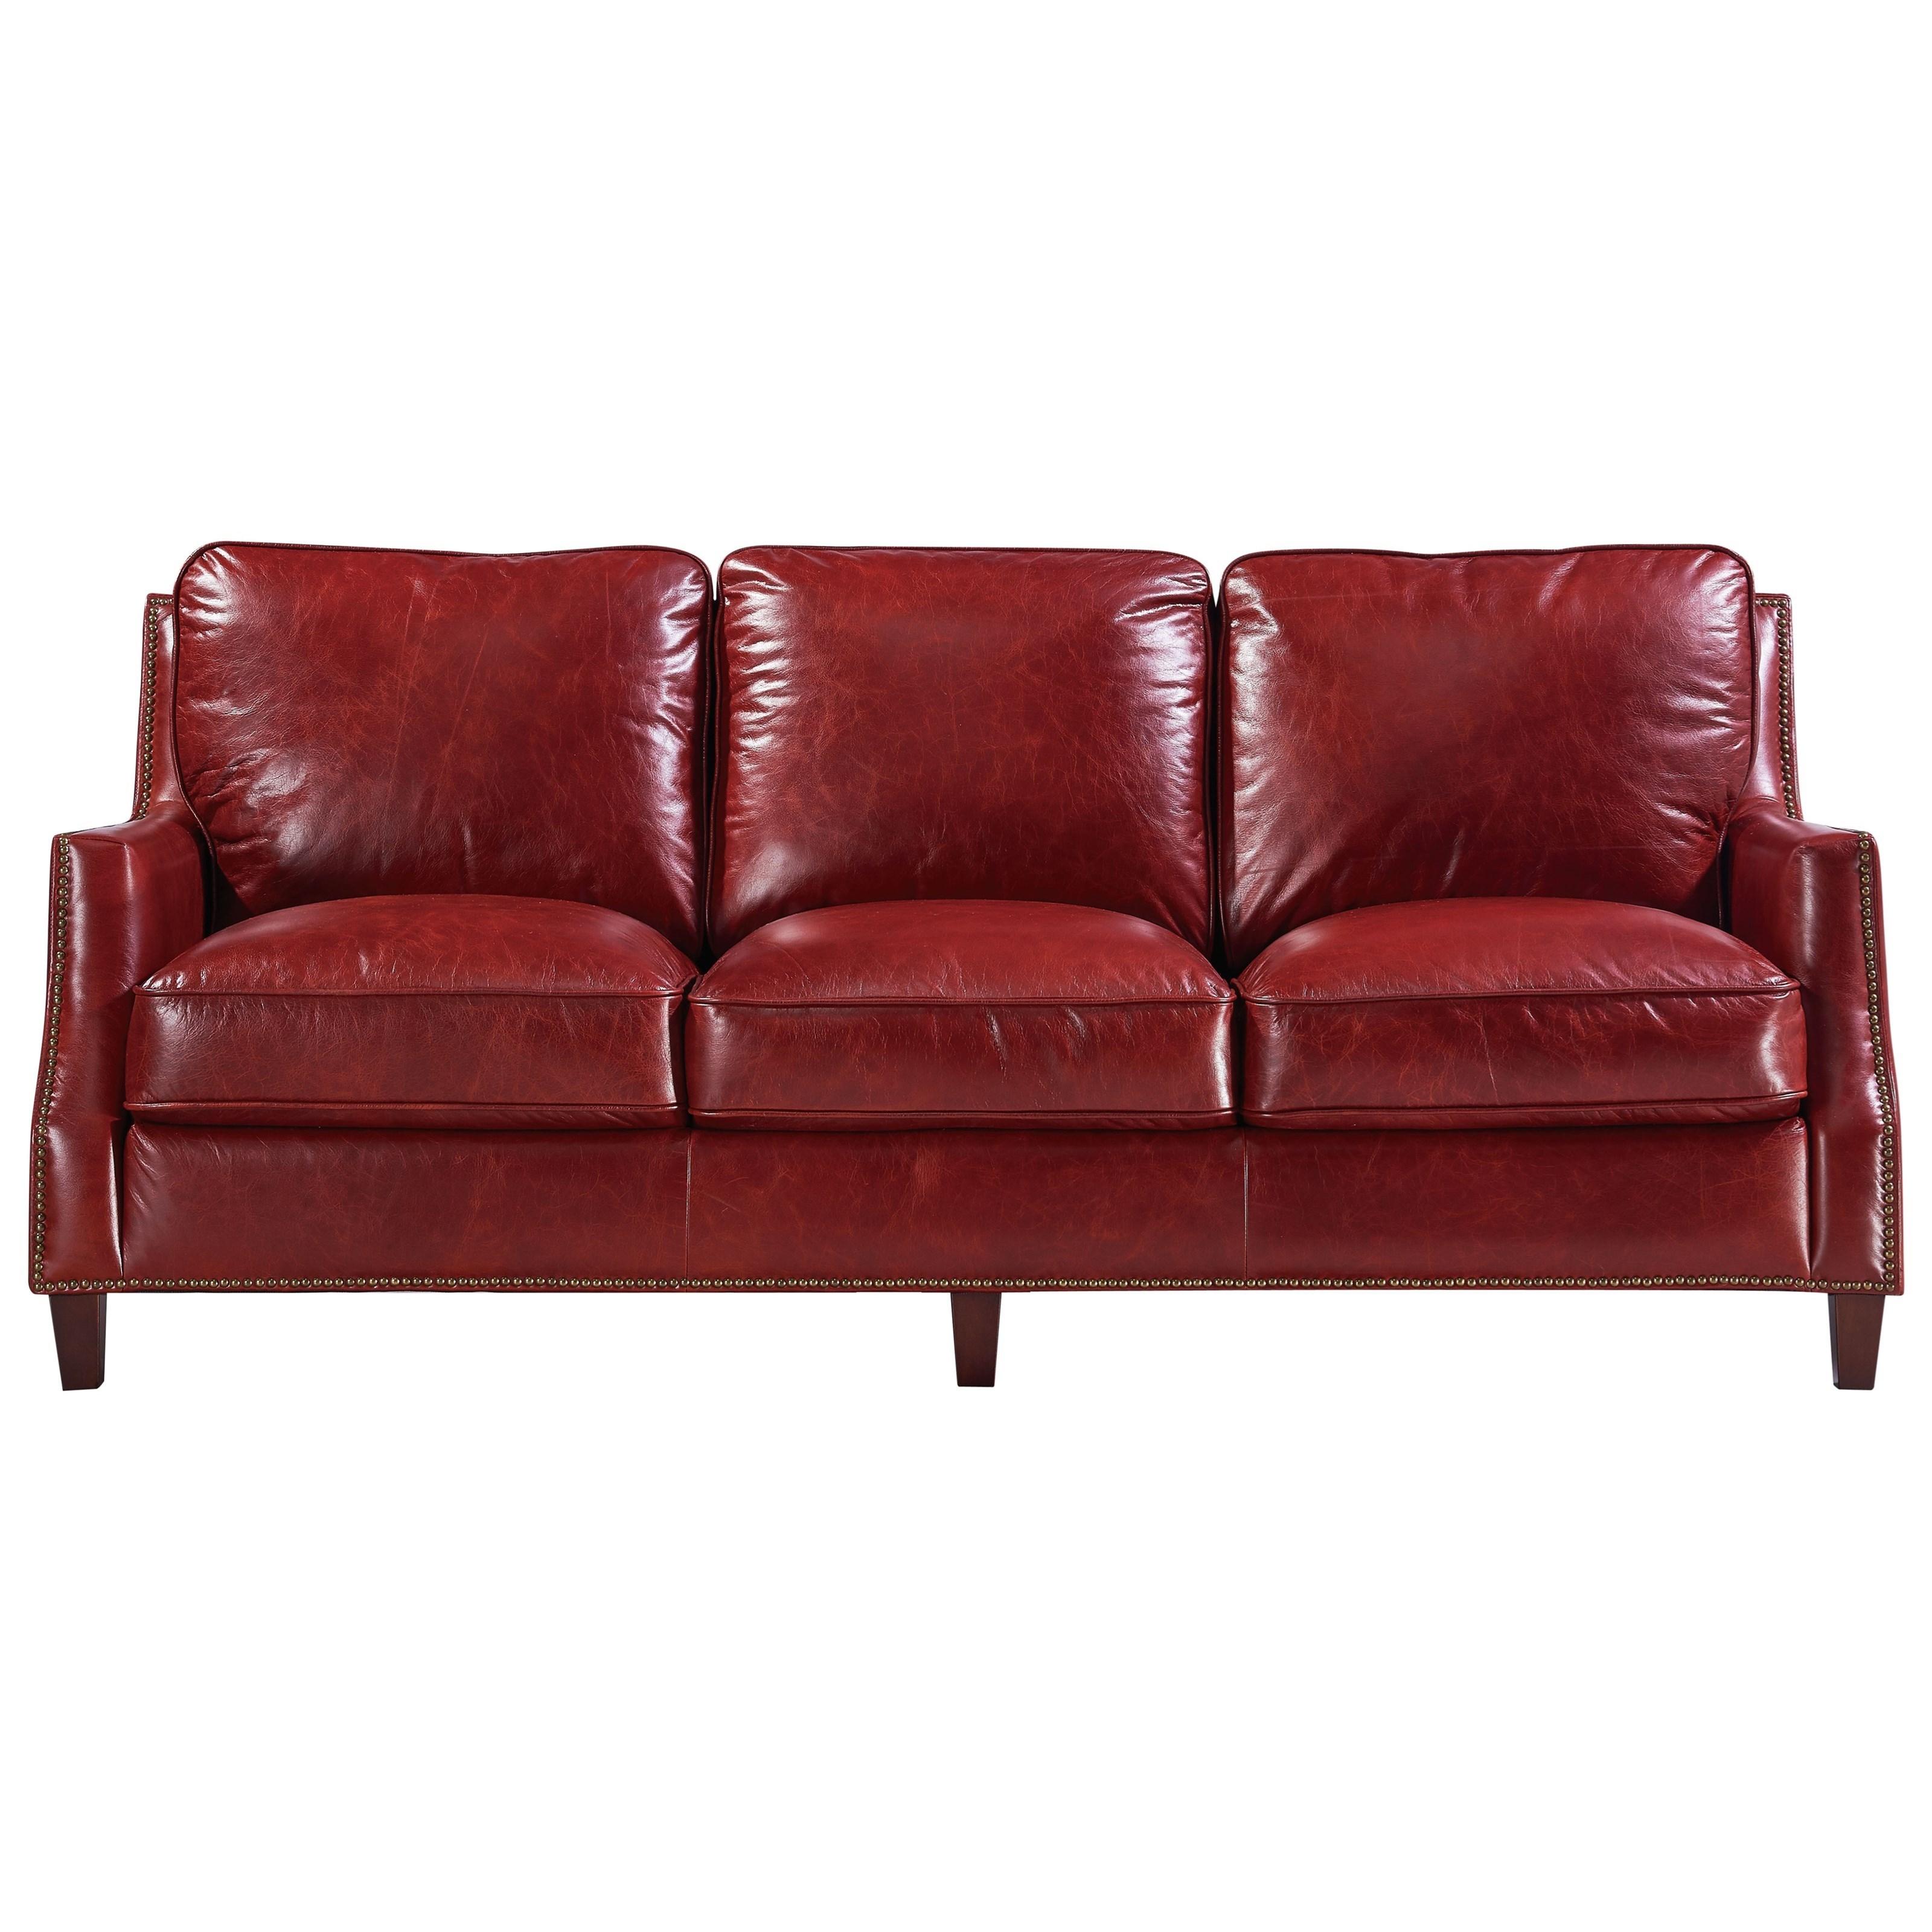 leather italia sofa furniture off white slipcover usa georgetowne oakridge moore s